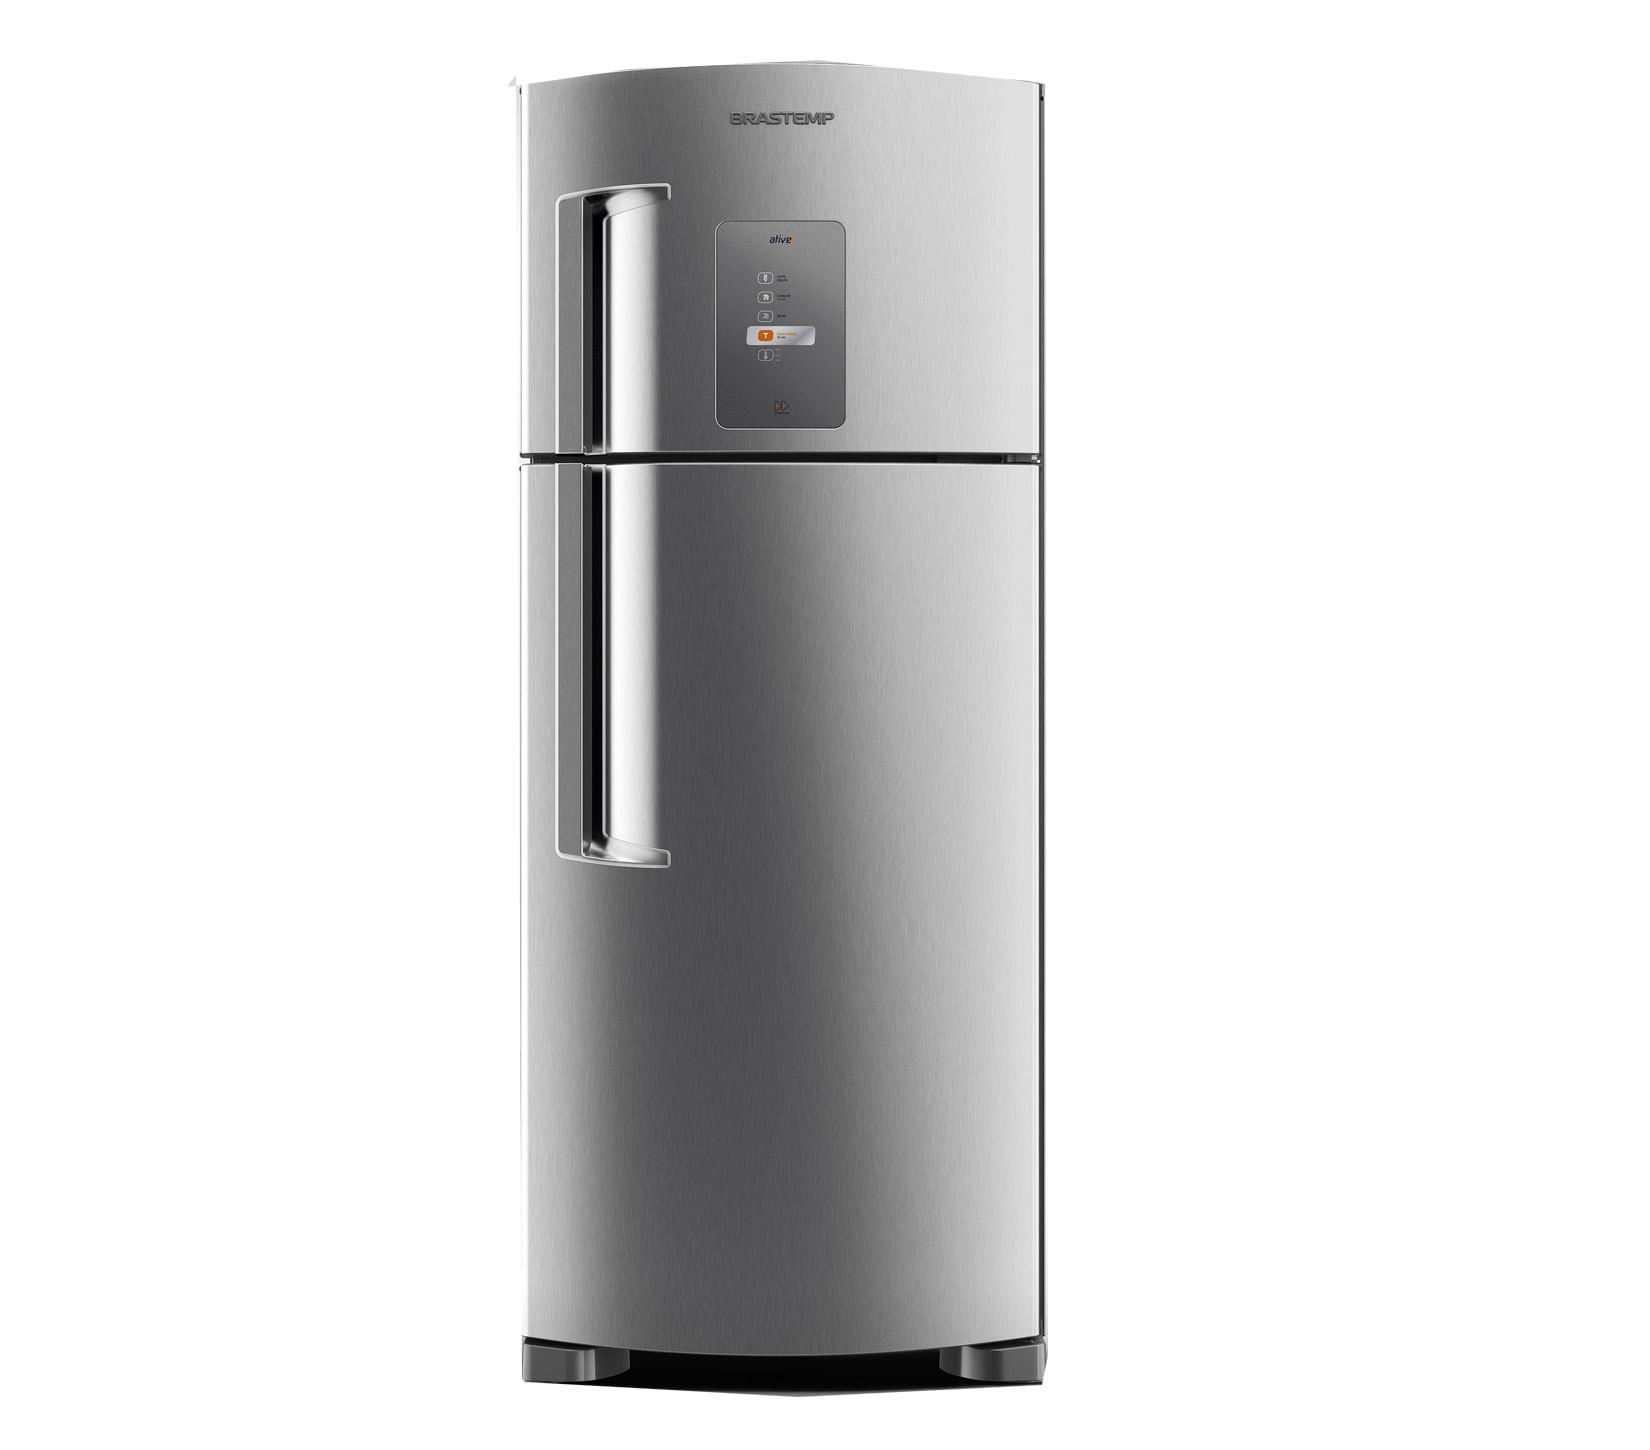 Geladeira Brastemp Frost Free Duplex 429 litros cor Inox com Twist Ice